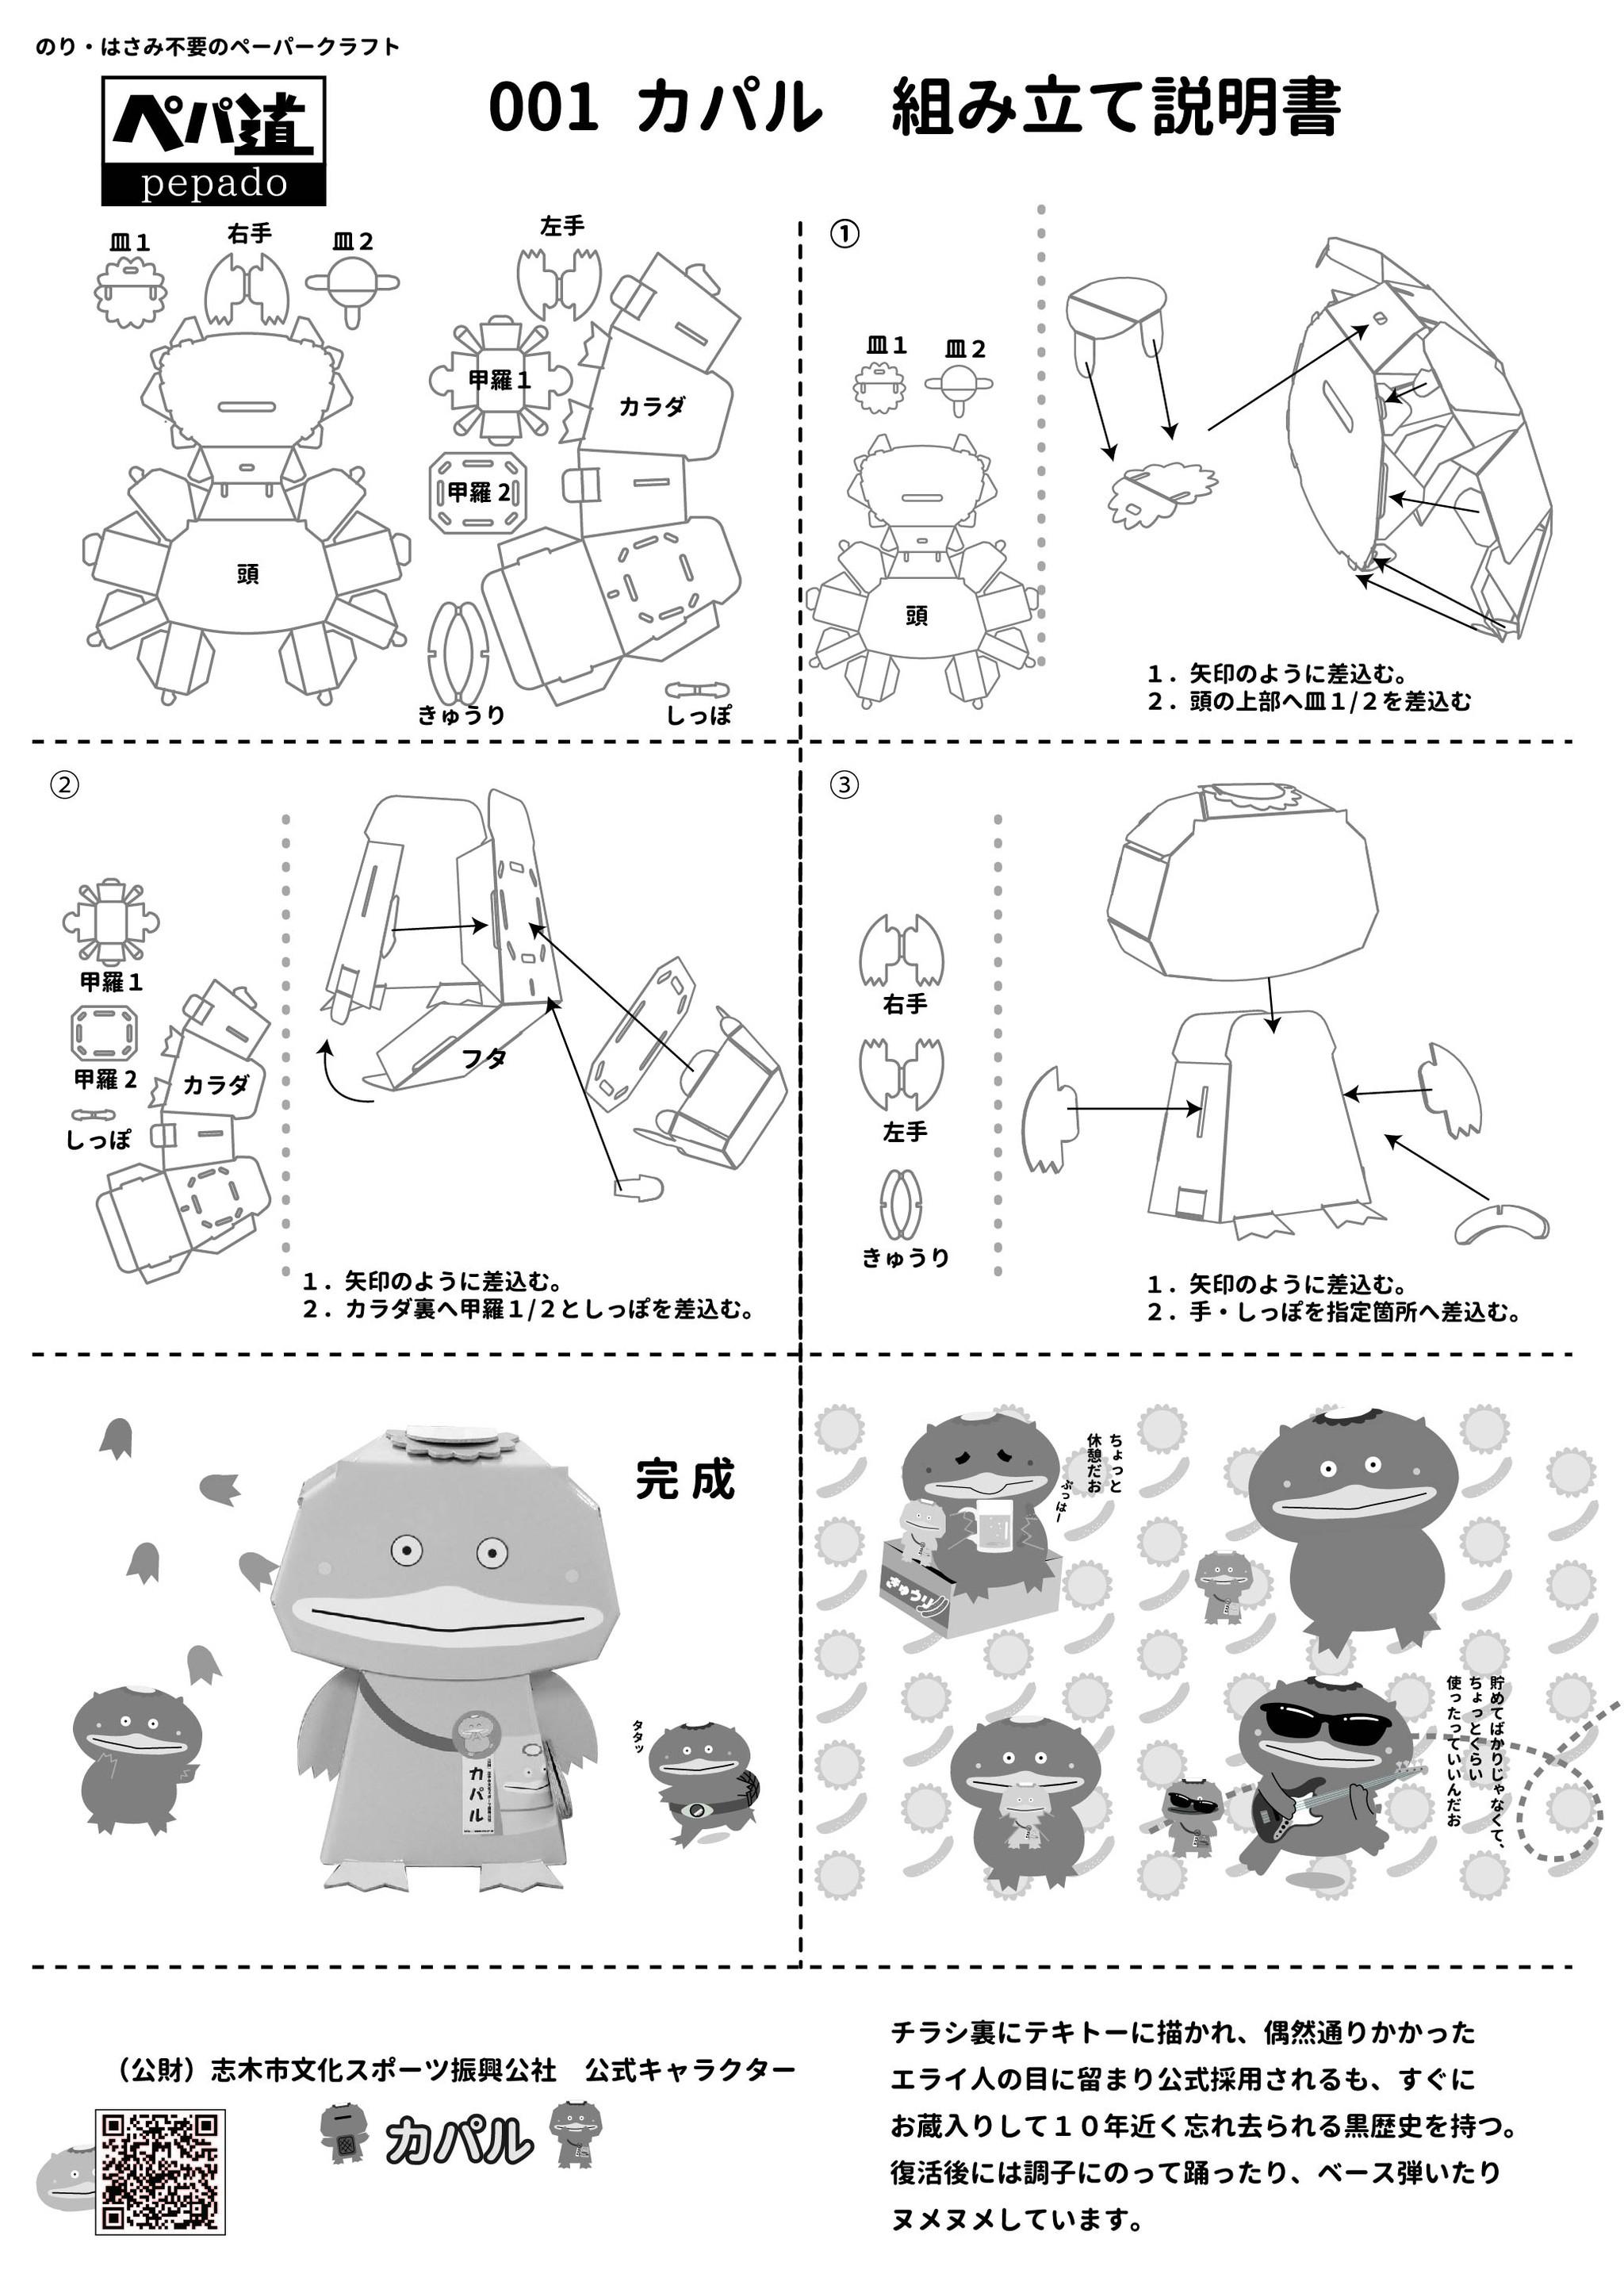 ペパ道001~005 組み立て方 大集合(その1)